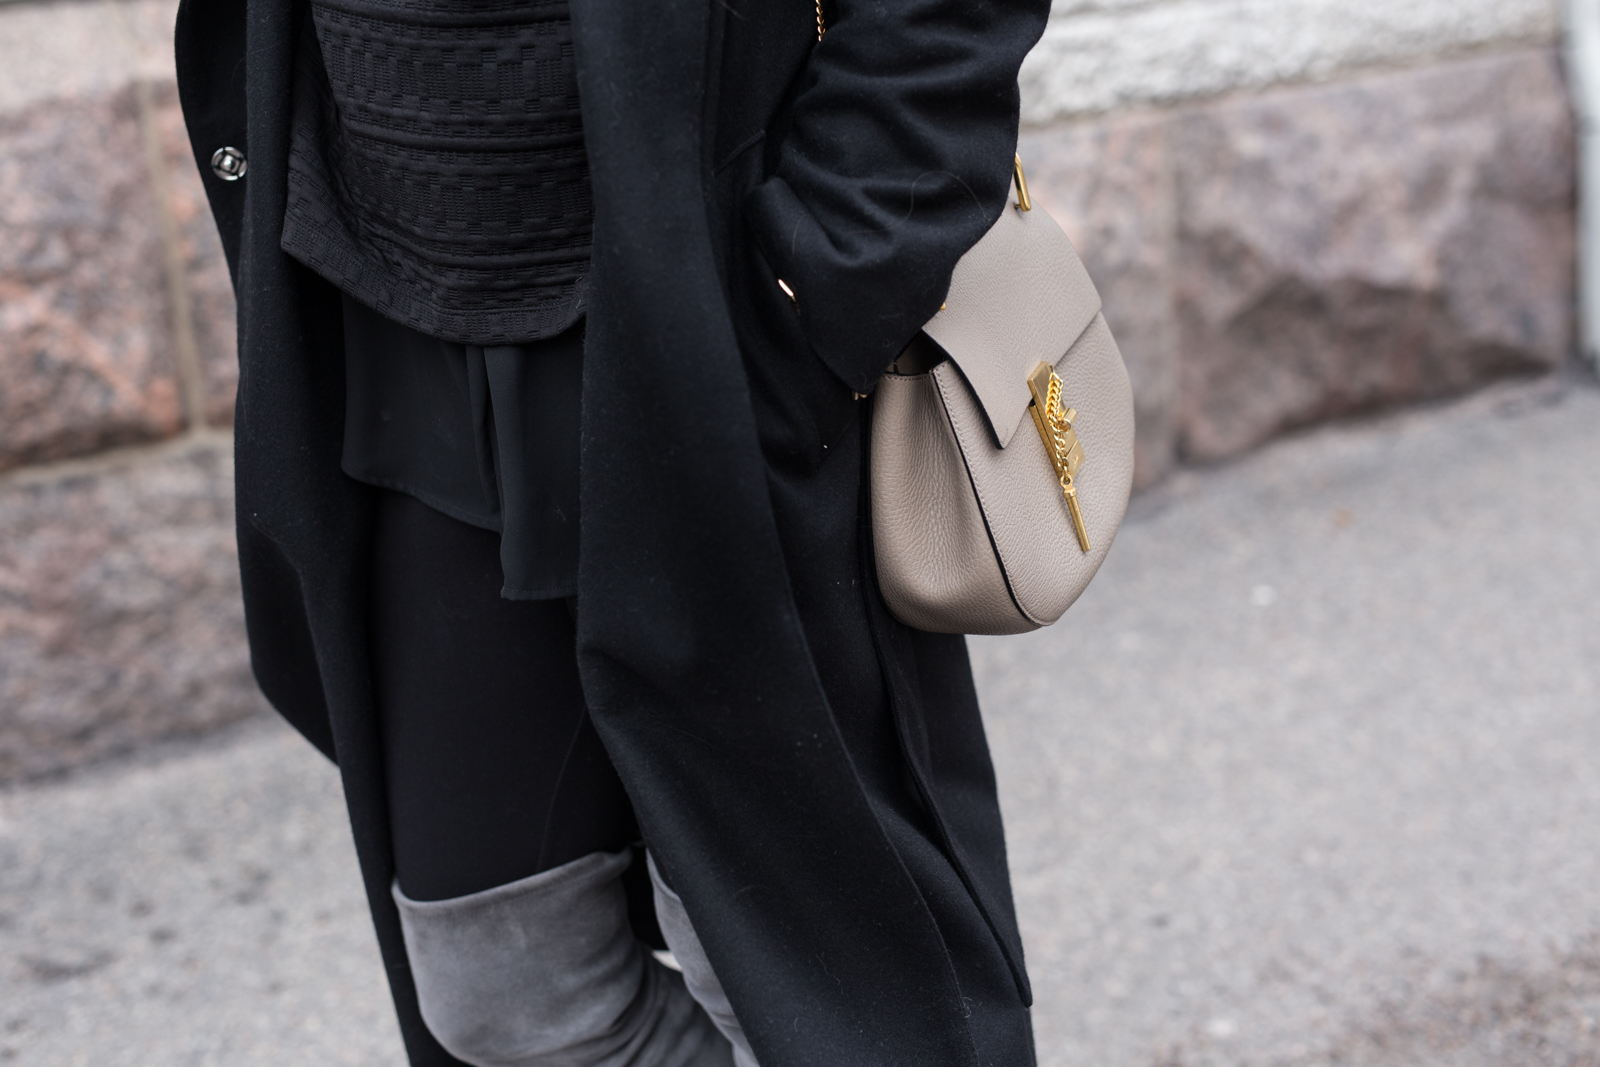 musta-asu grey over the knee-1695